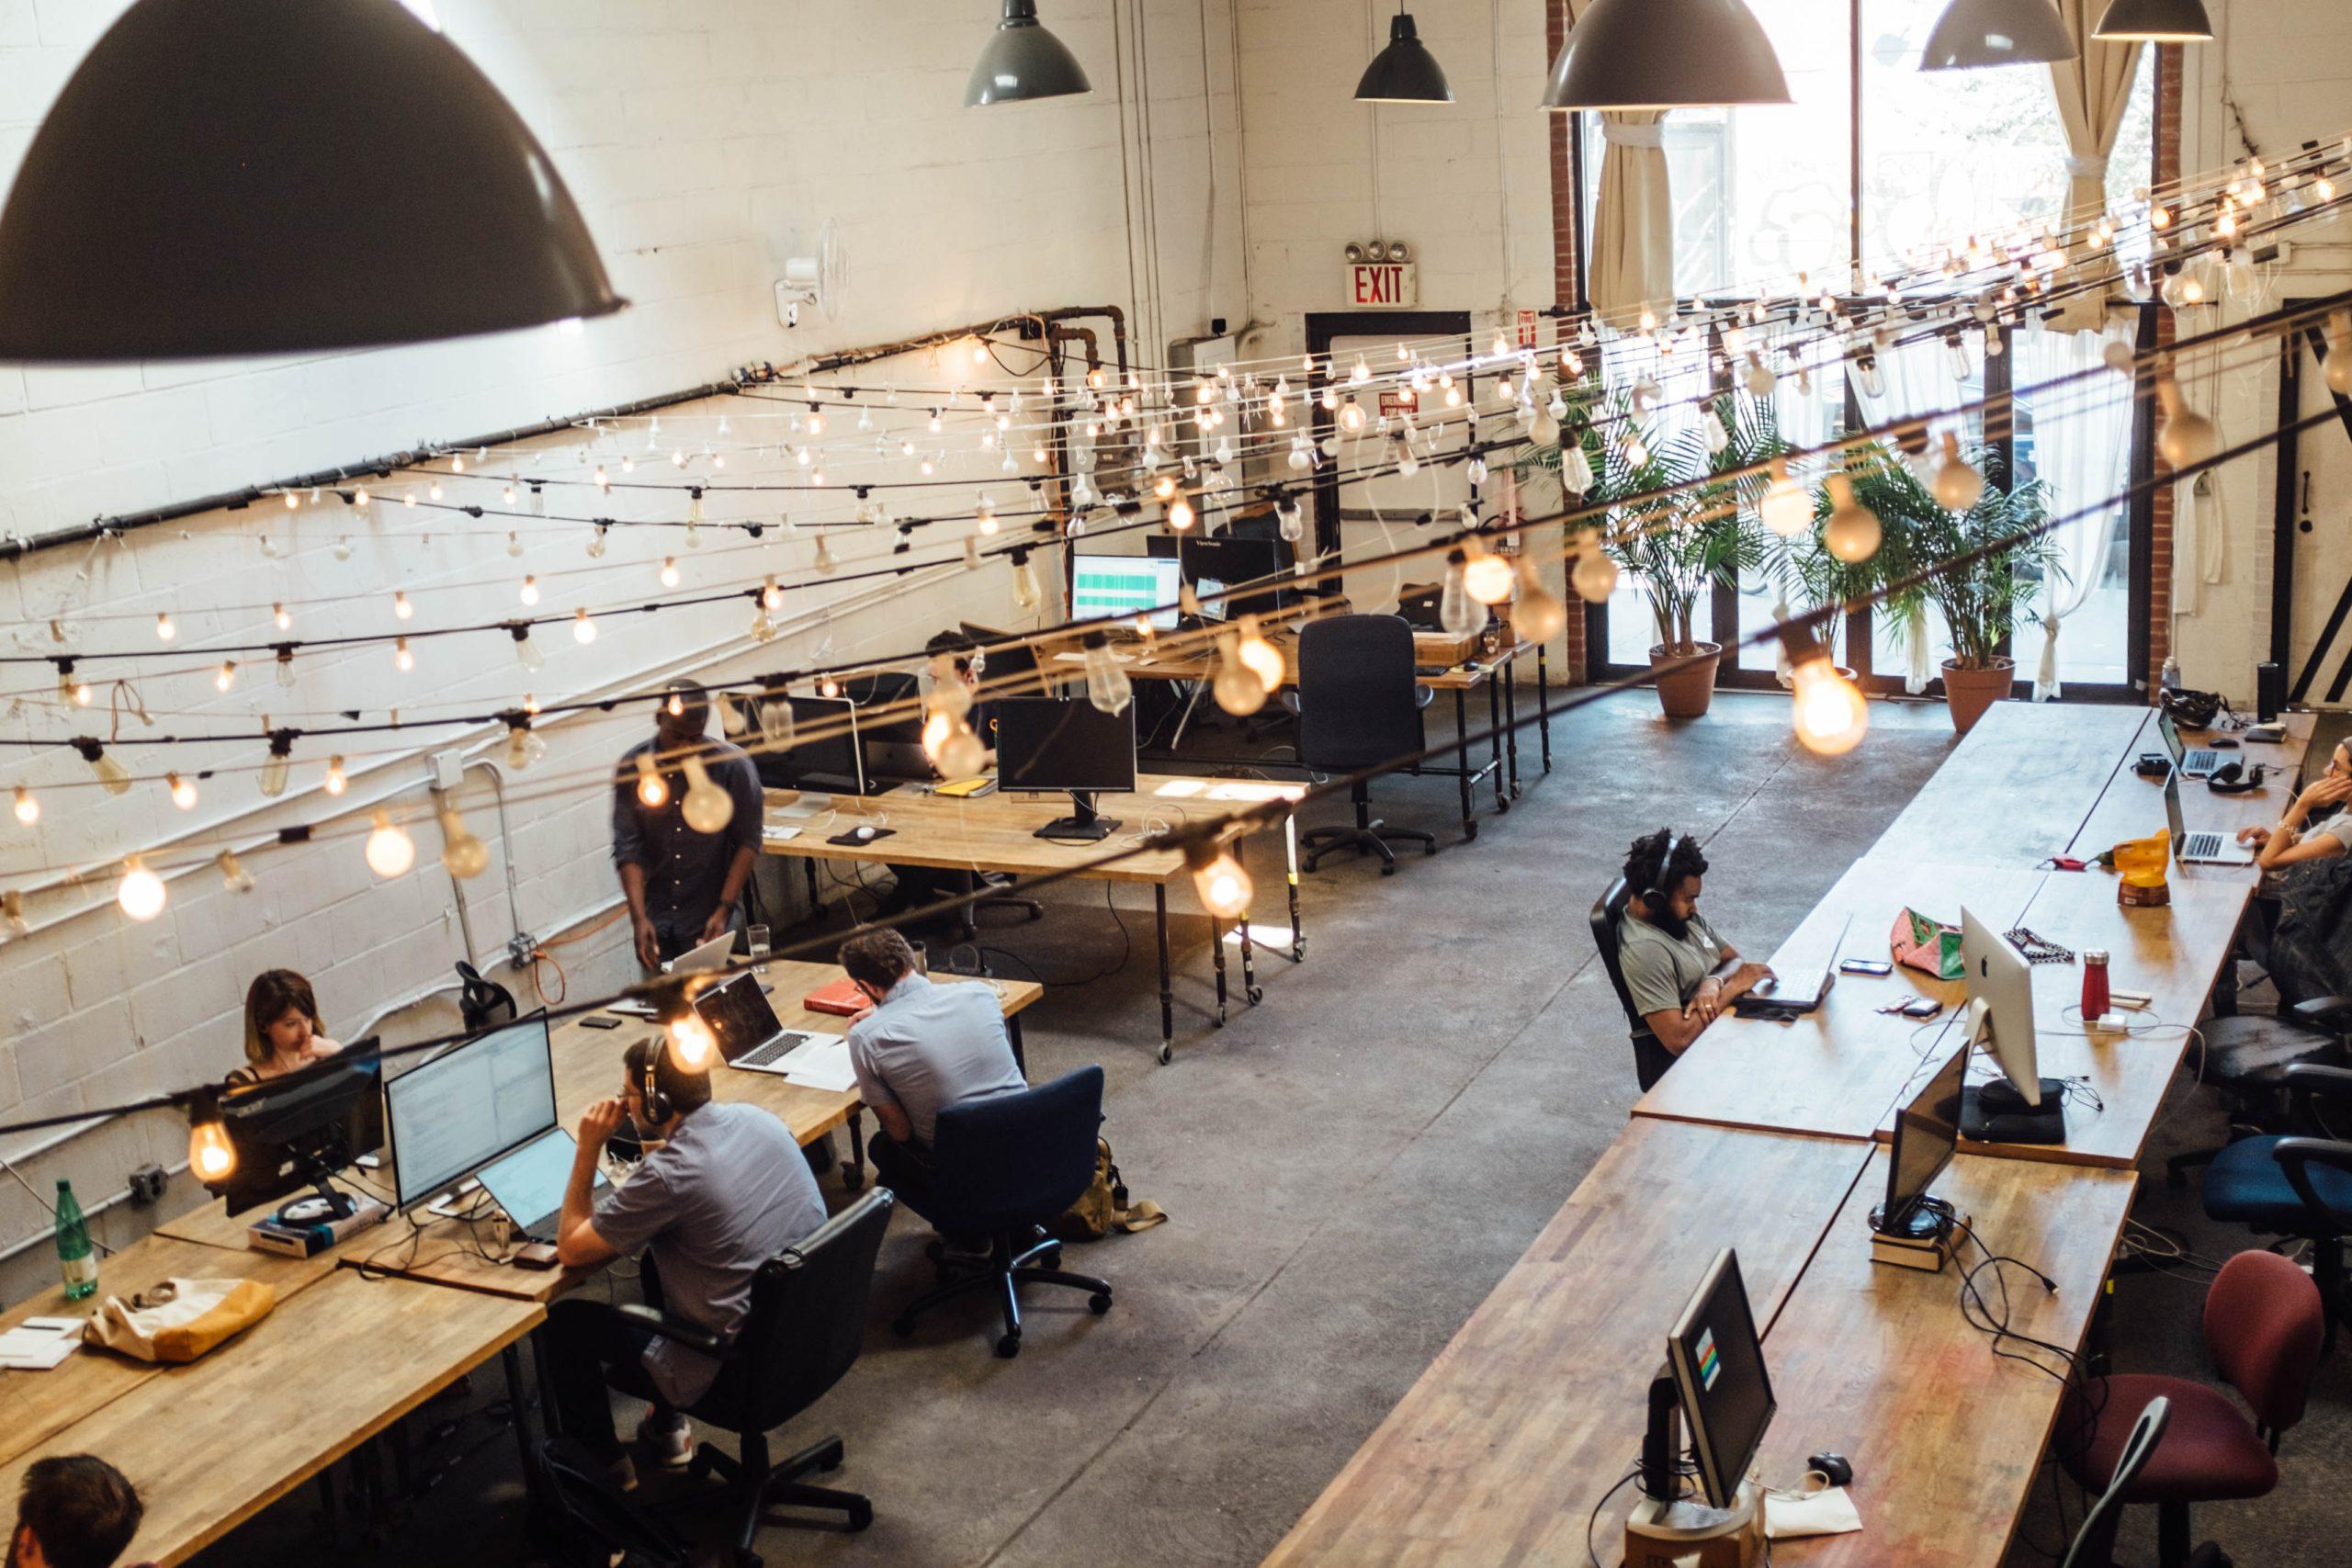 Egy coworking-iroda, ízlésesen berendezve. Tökéletes hely a részmunkaidős munkavégzésre.